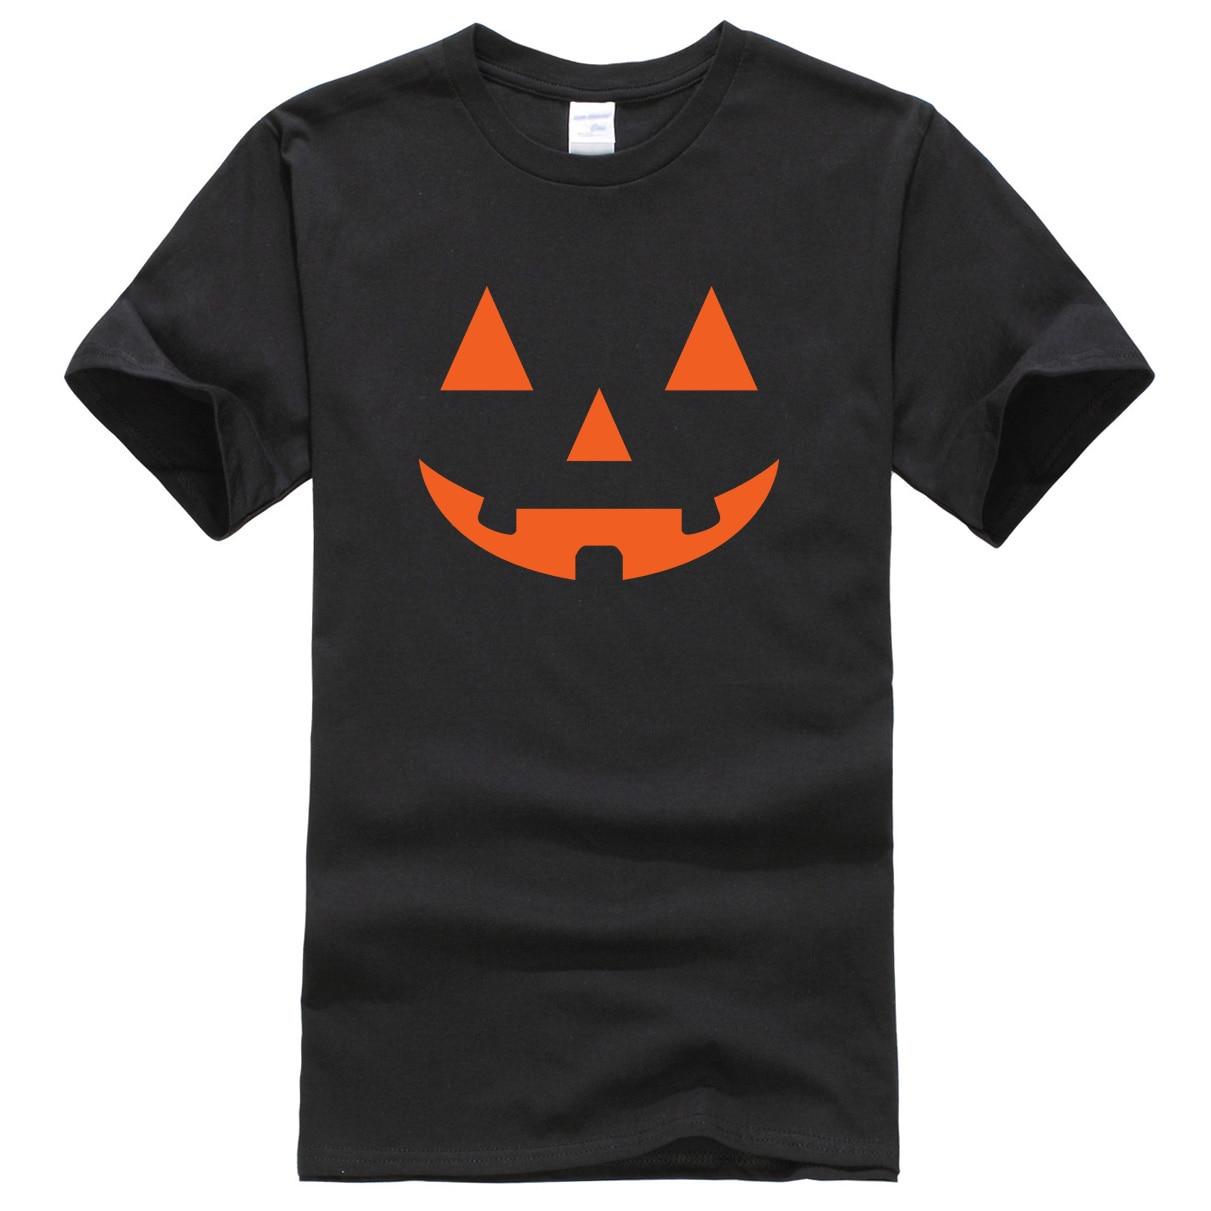 Summer Short Sleeve Shirt 2019 Men's T-Shirts Joe's USA(tm) JACK O' LANTERN PUMPKIN Halloween Costume T-shirt Streetwear Tops